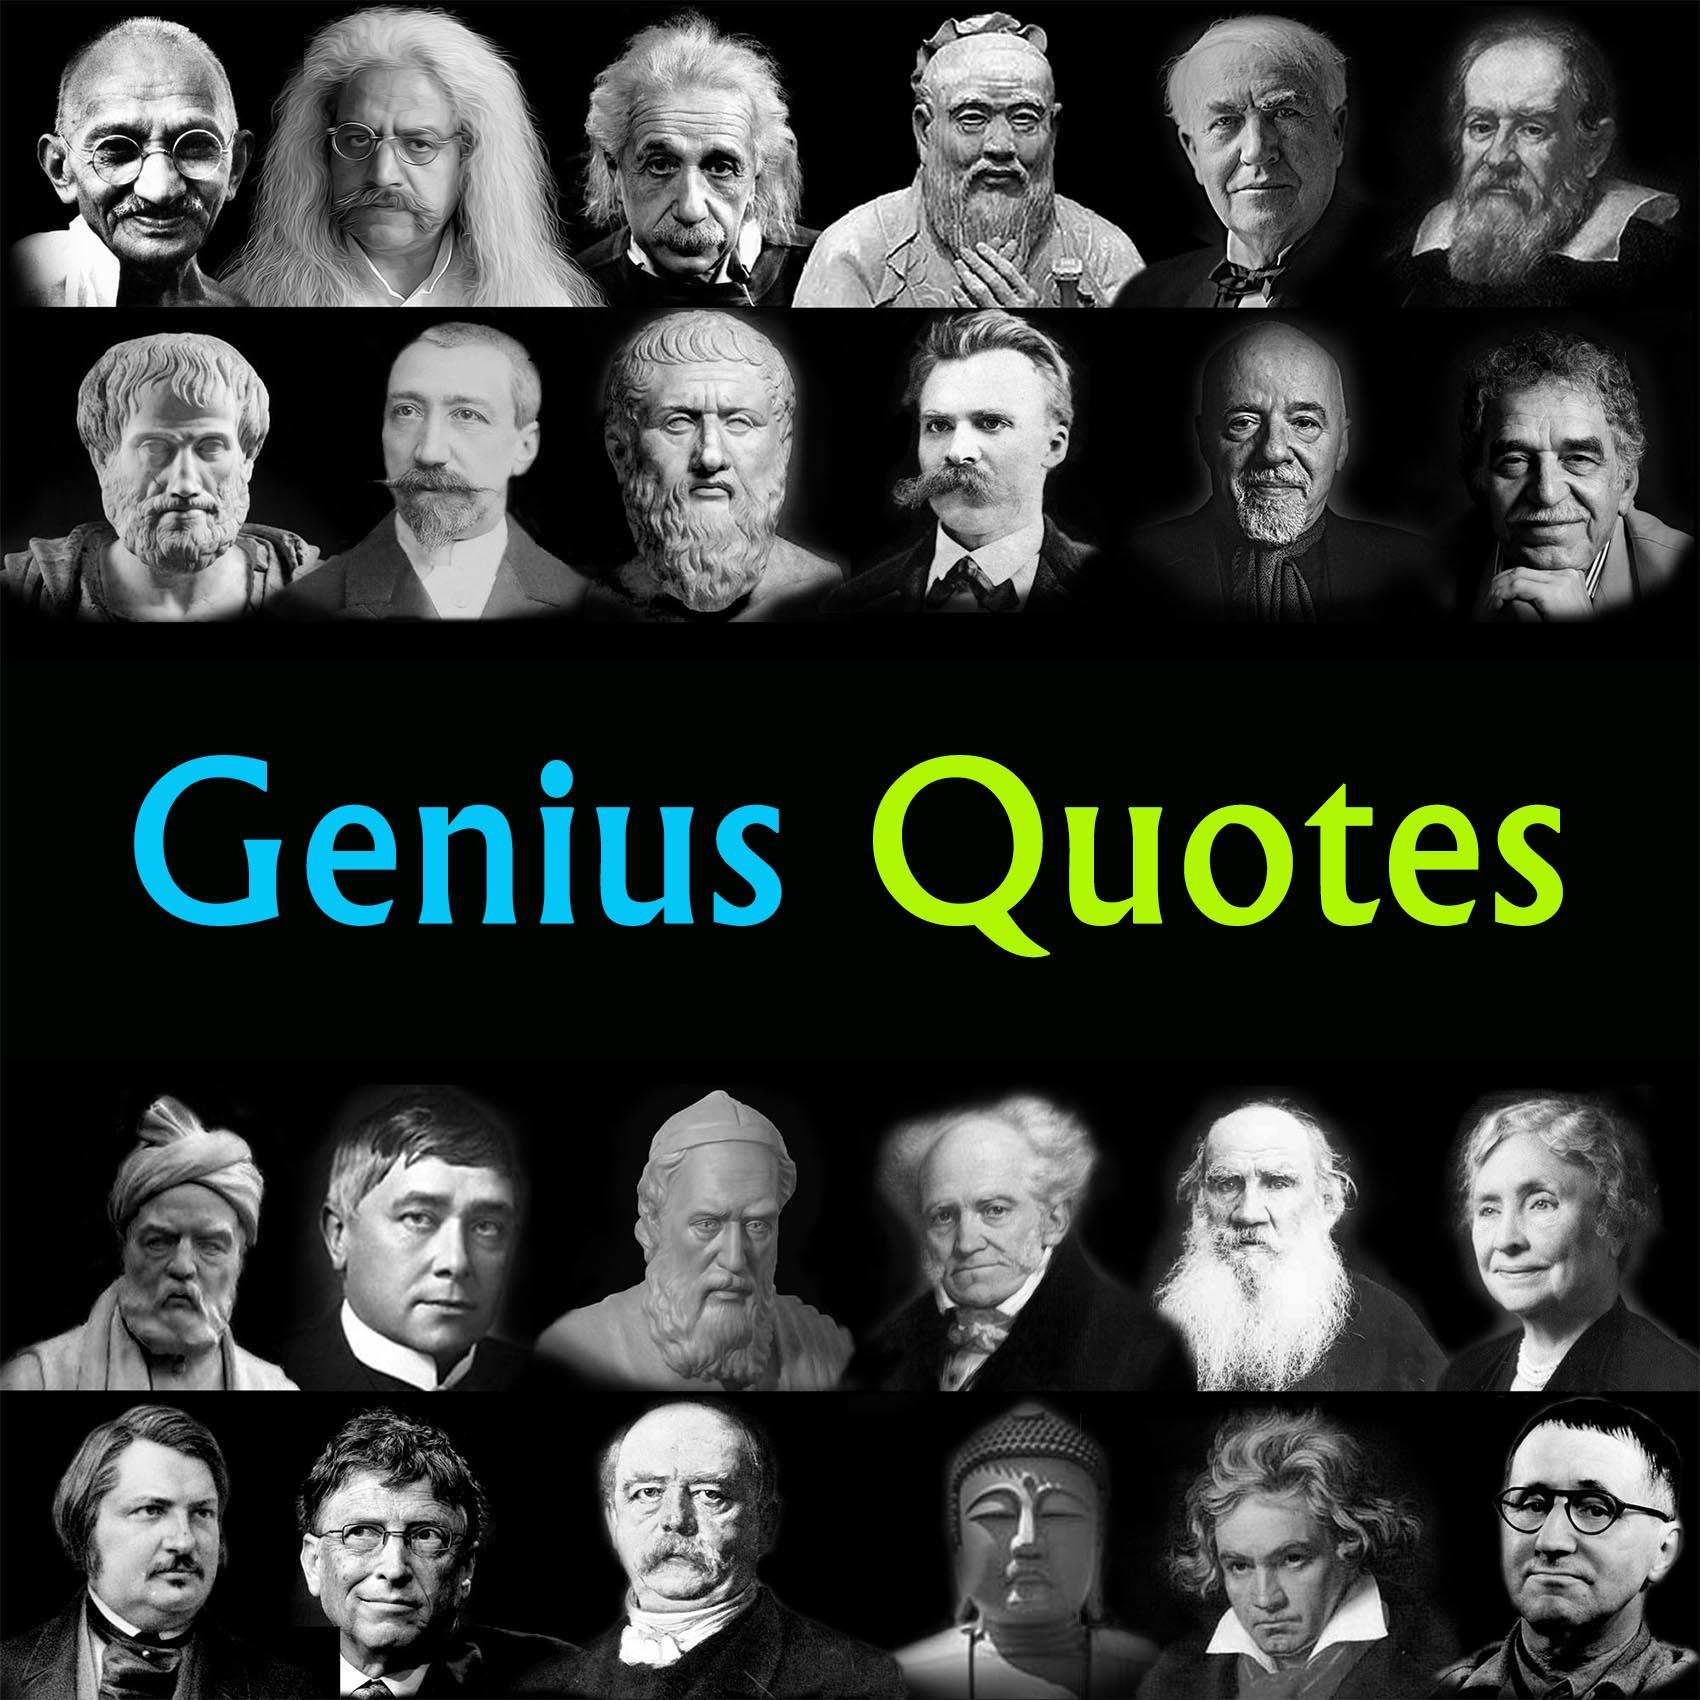 جملات ناب و فلسفی | سخن فلسفی ناب | جمله فلسفی بزرگان | سخنان زیبا | جملات پندآموز و فلسفی زیبا و ناب | سخنان عبرت آموز